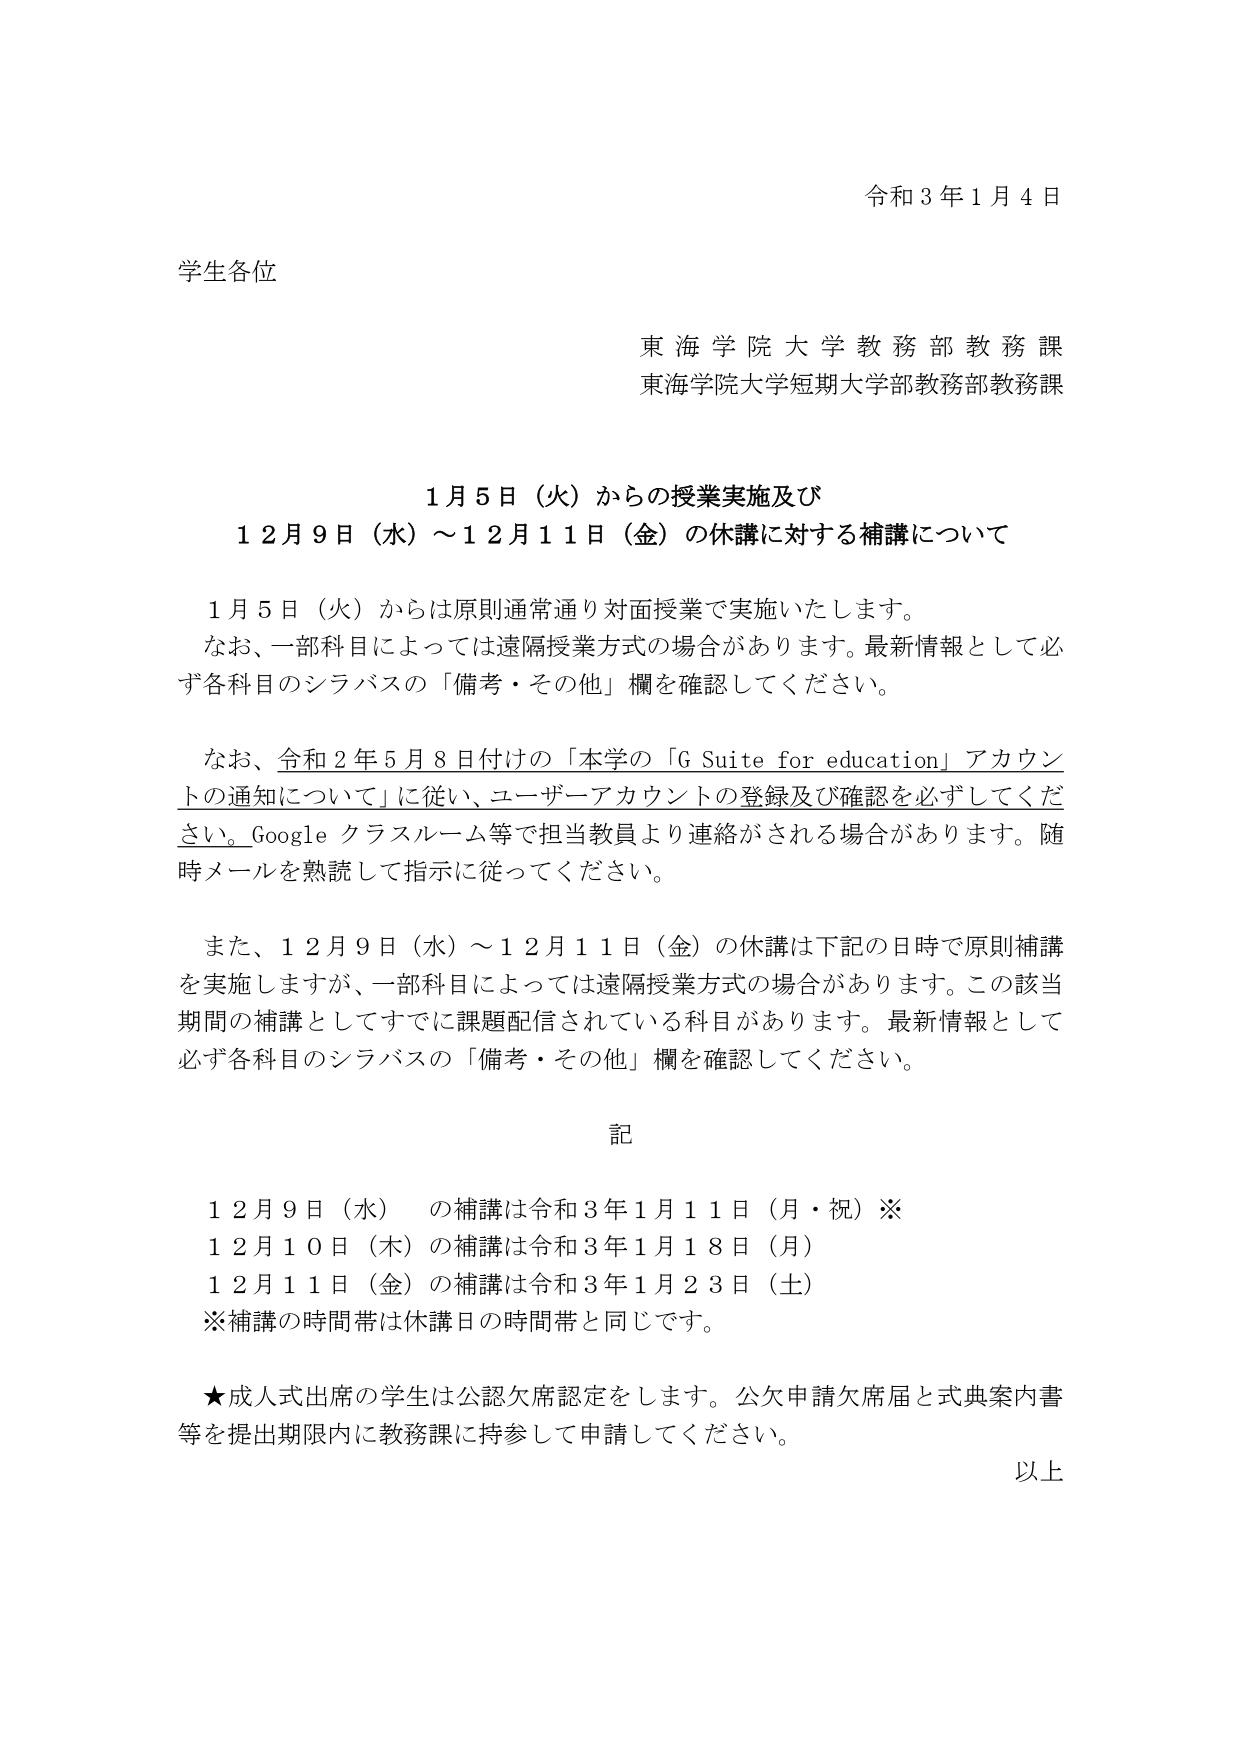 【重要なお知らせ】1/5~の授業及び補講について_page-0001